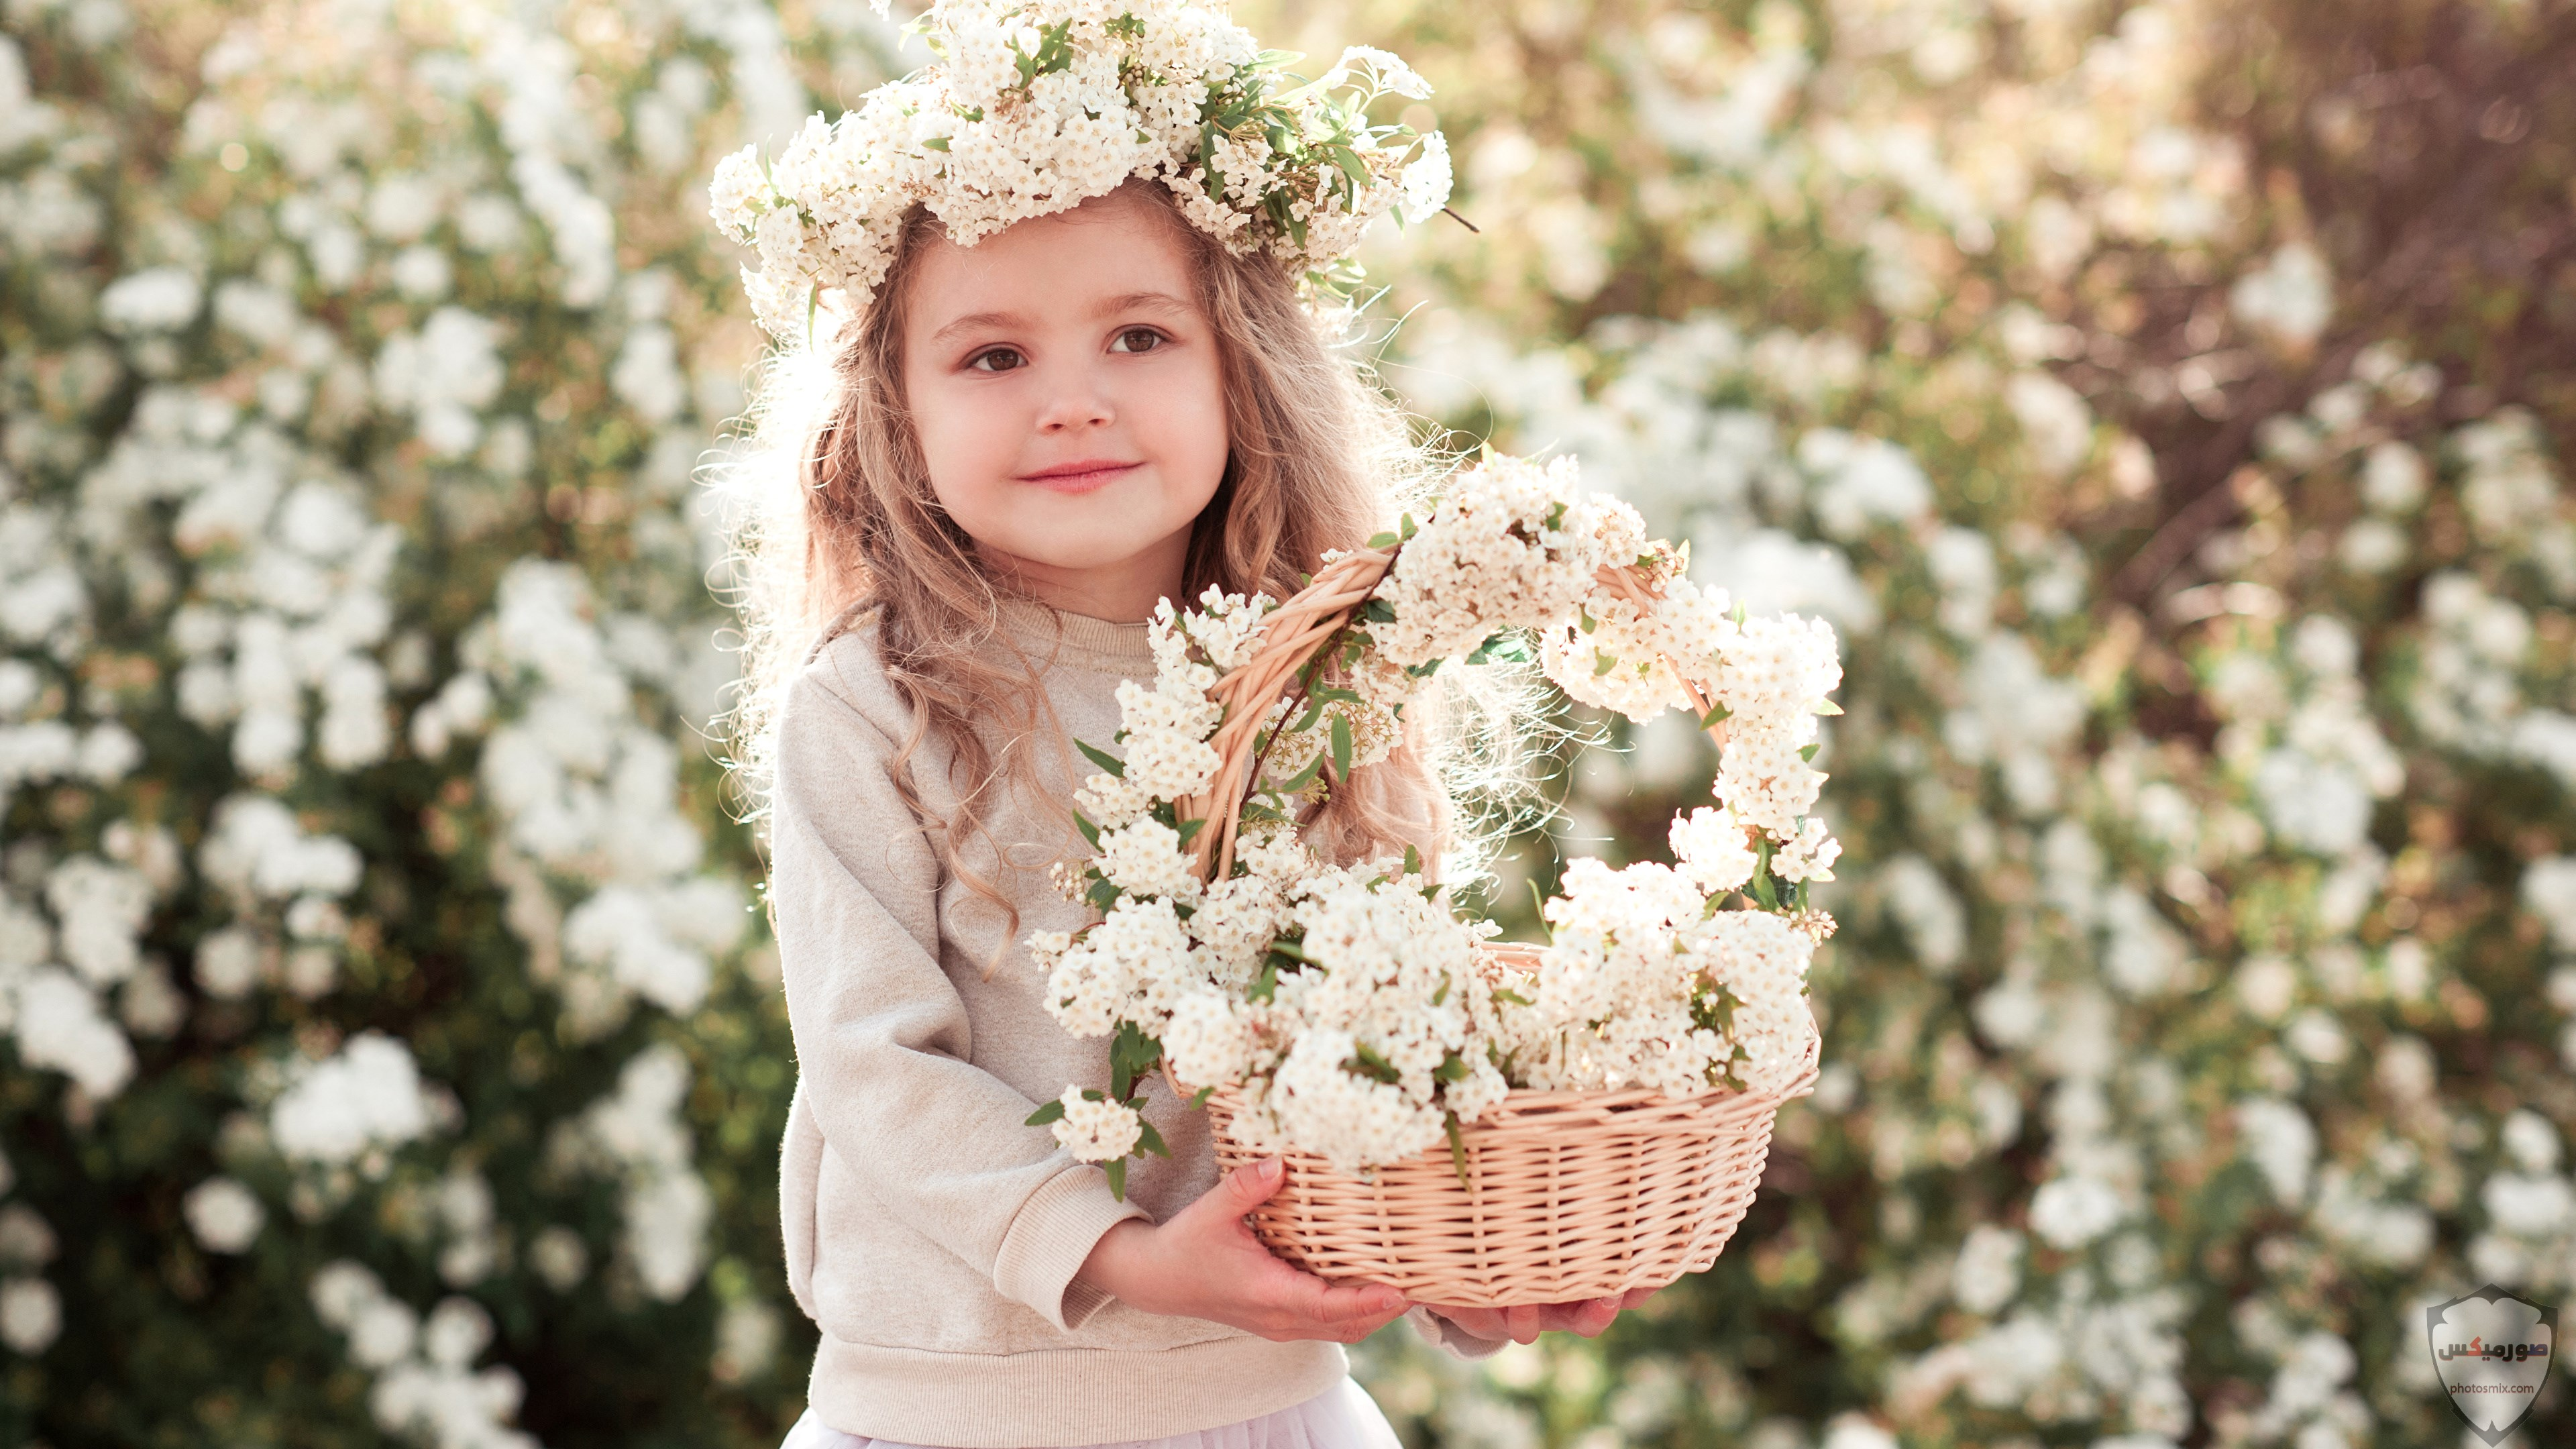 صور جميلة للغاية خلفيات جميلة تنزيل اجمل الصور والخلفيات 16